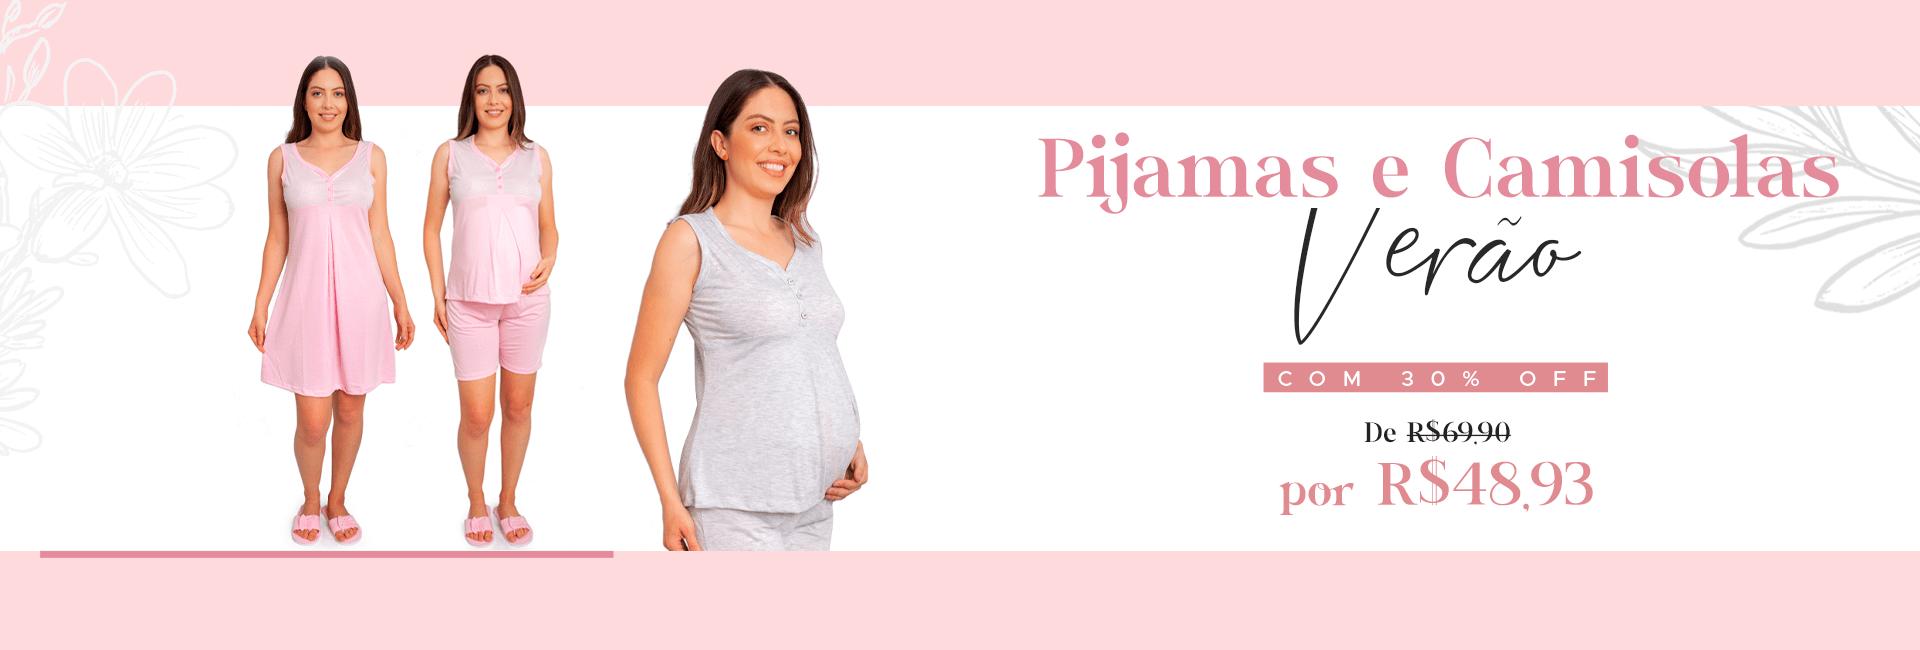 Pijamas e Camisolas verão com 30% Desconto